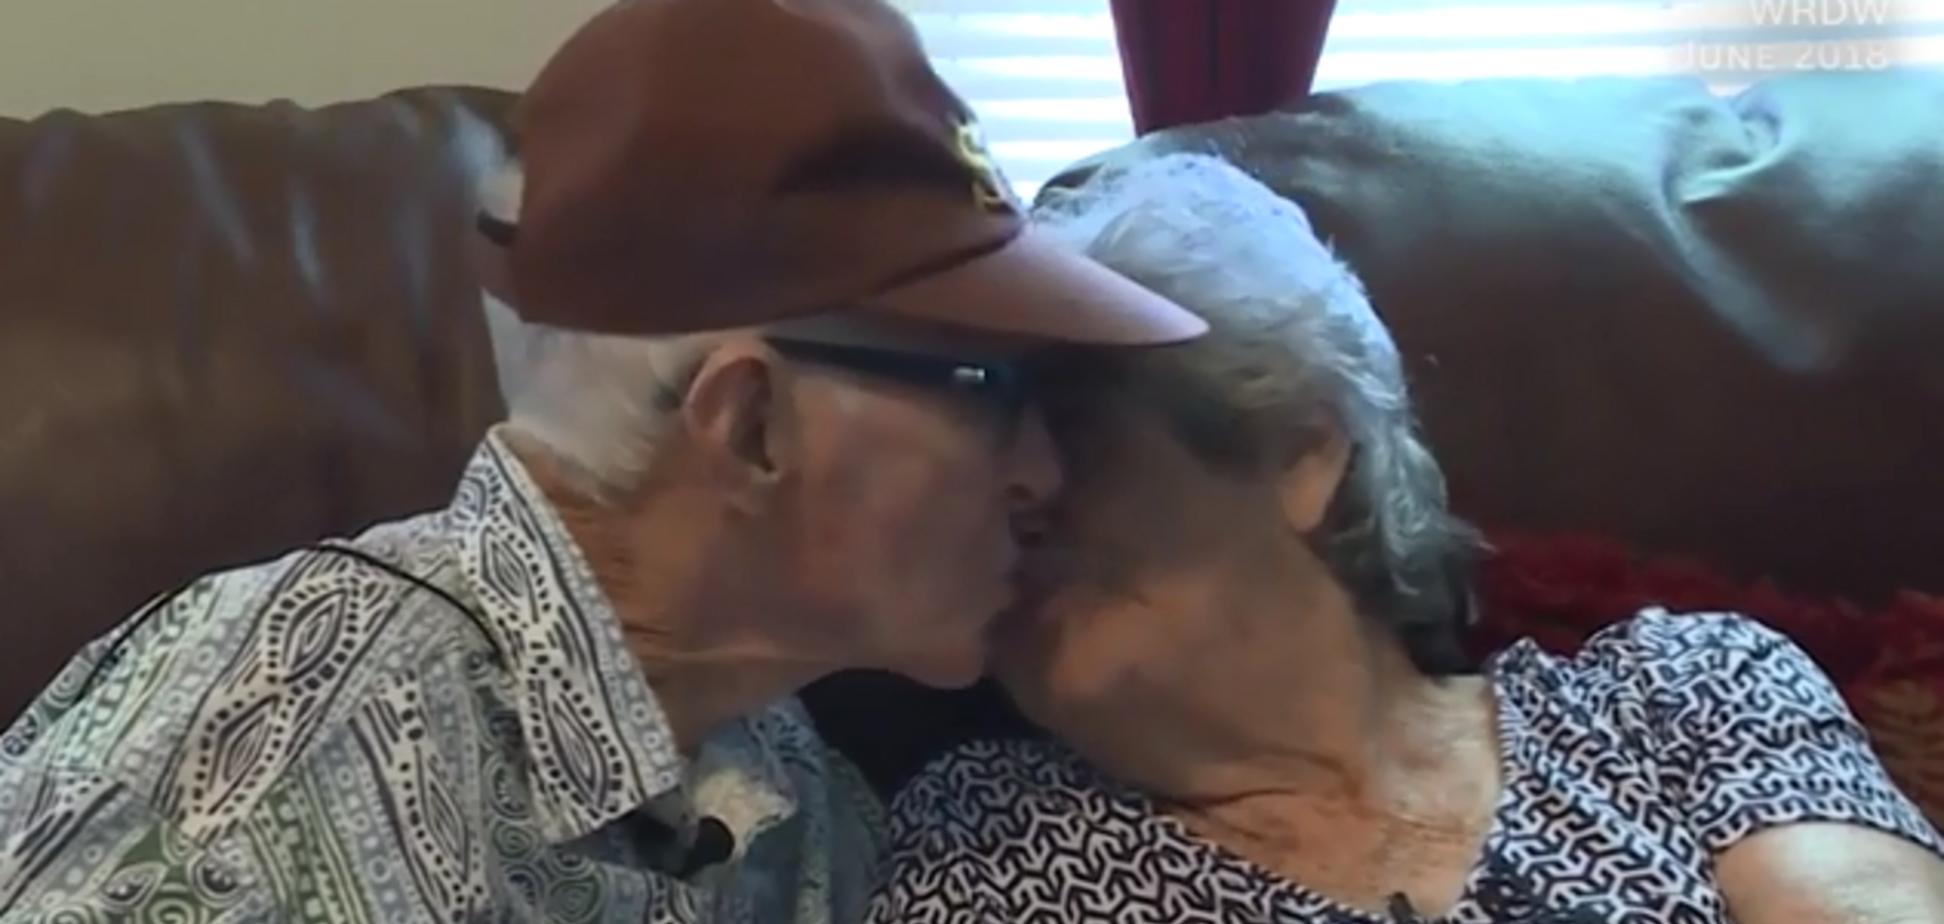 Вічне кохання існує: у США чоловік і дружина прожили 71 рік разом і померли в один день